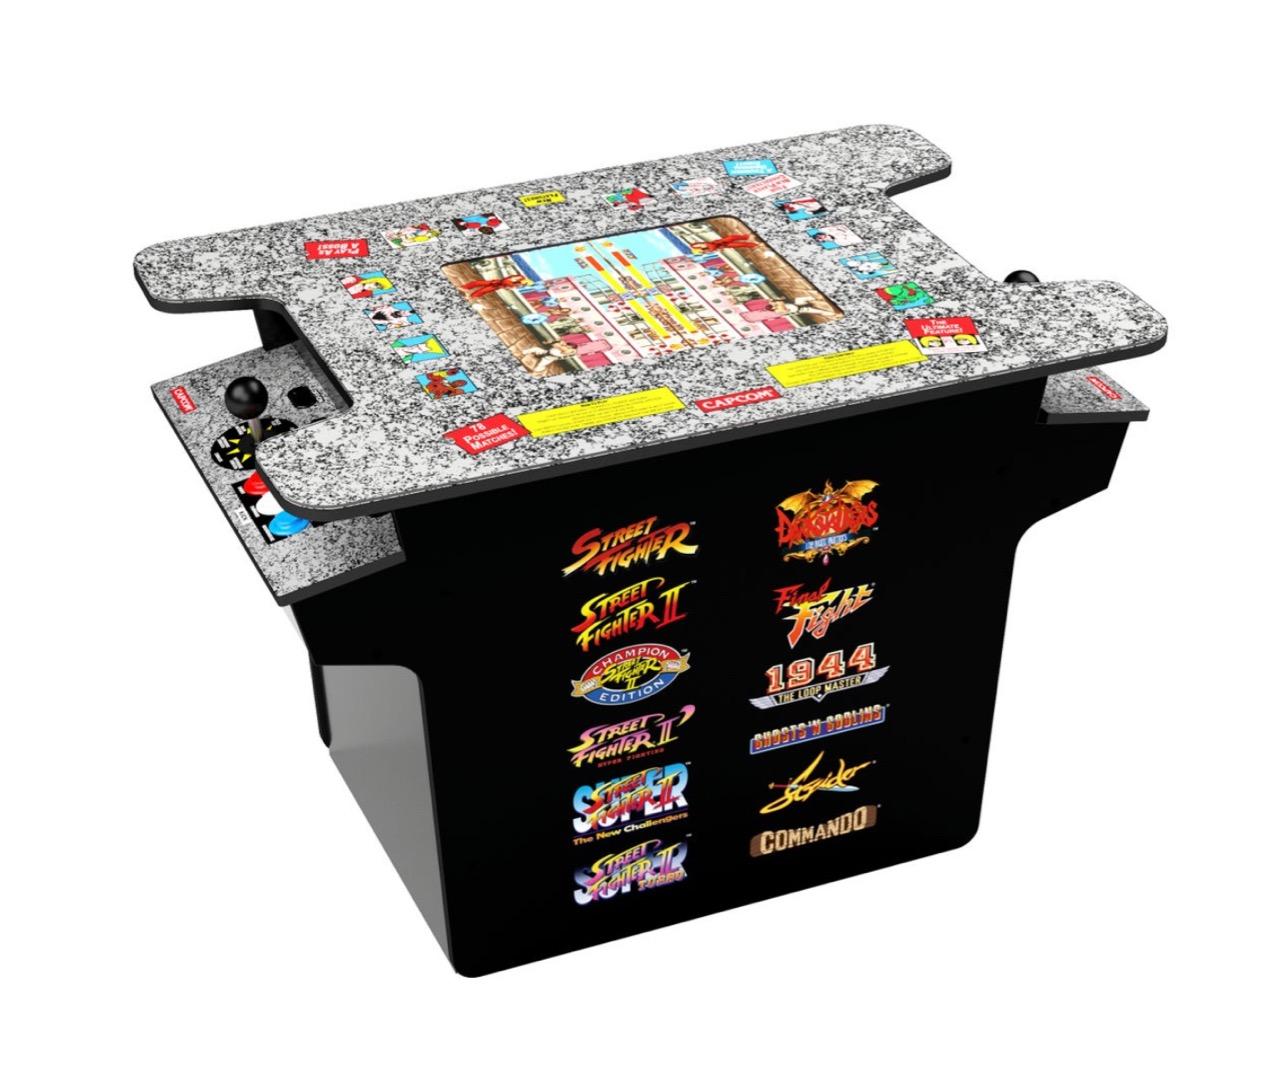 Classic Arcade Machine Rentals